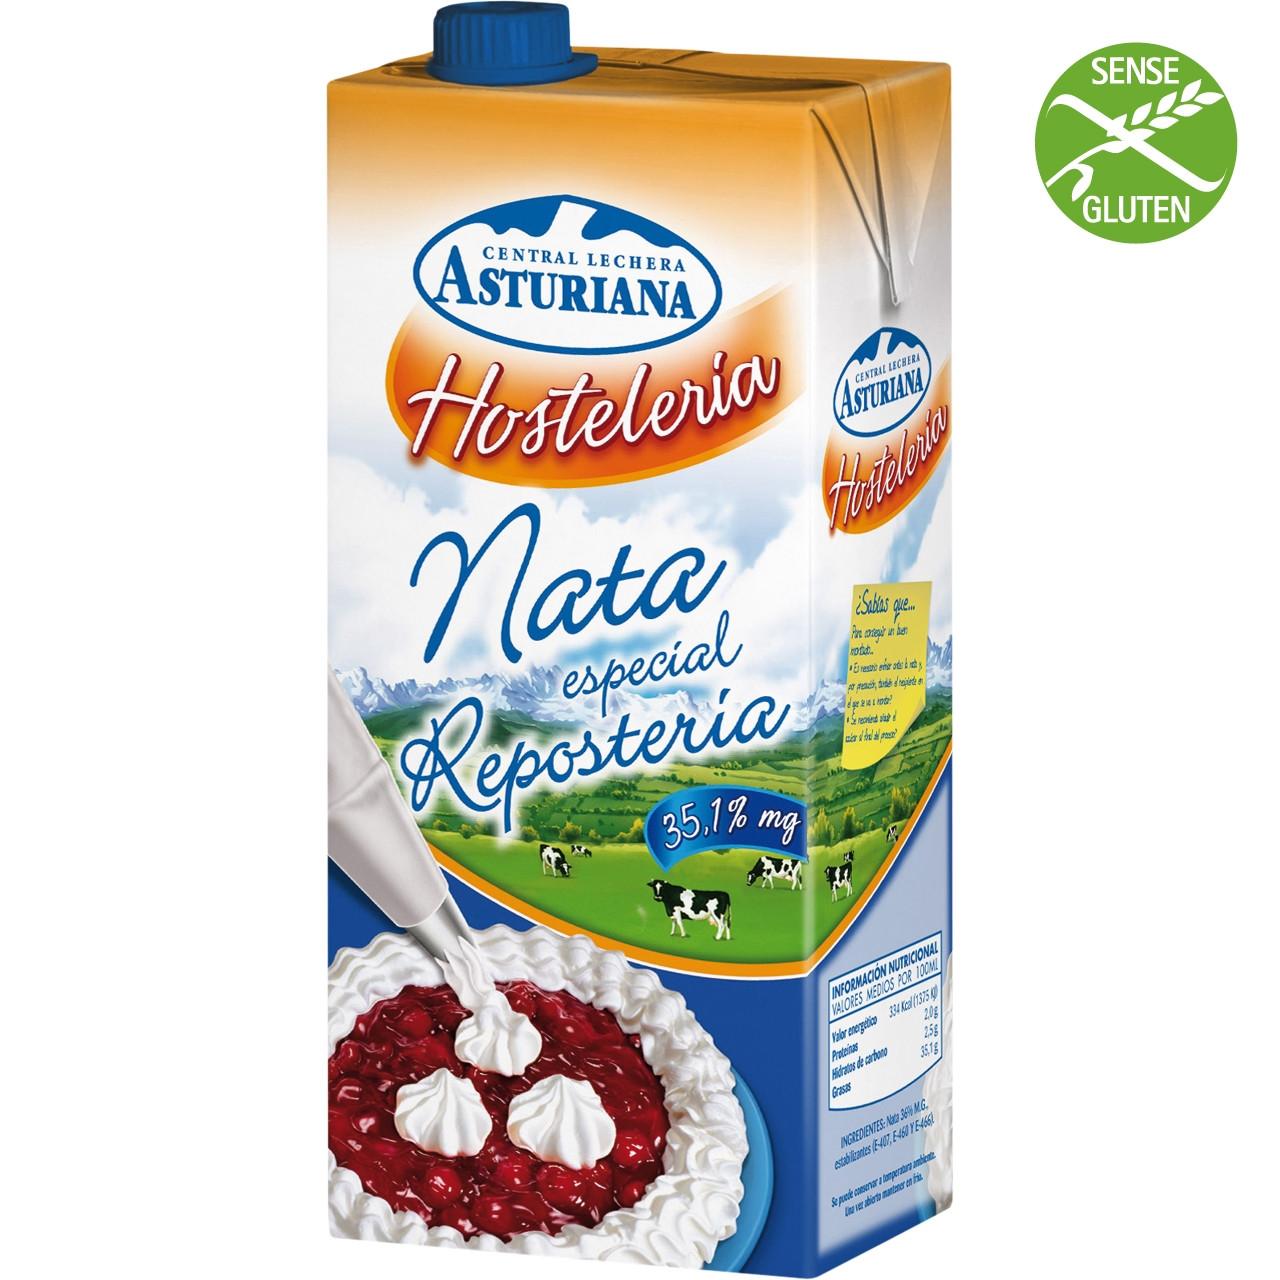 Nata Asturiana 35% especial pastisseria - 1l bric